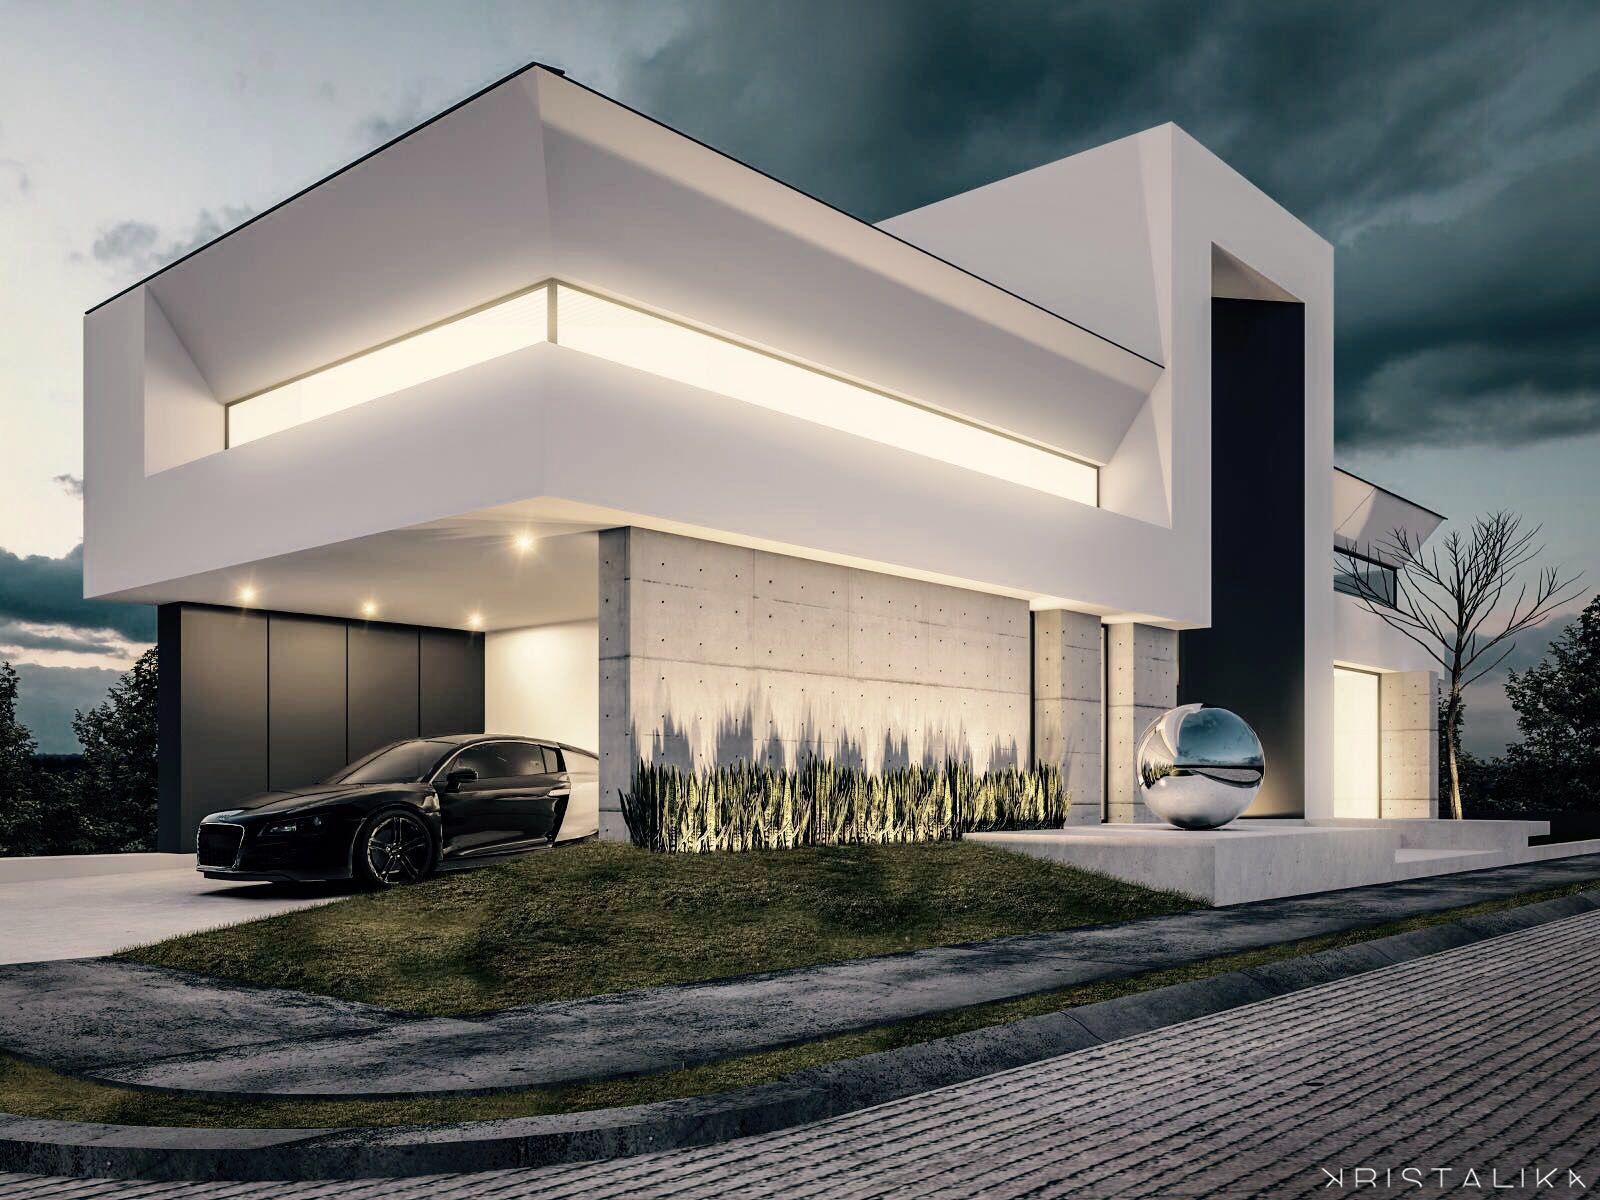 Stunning modern home art